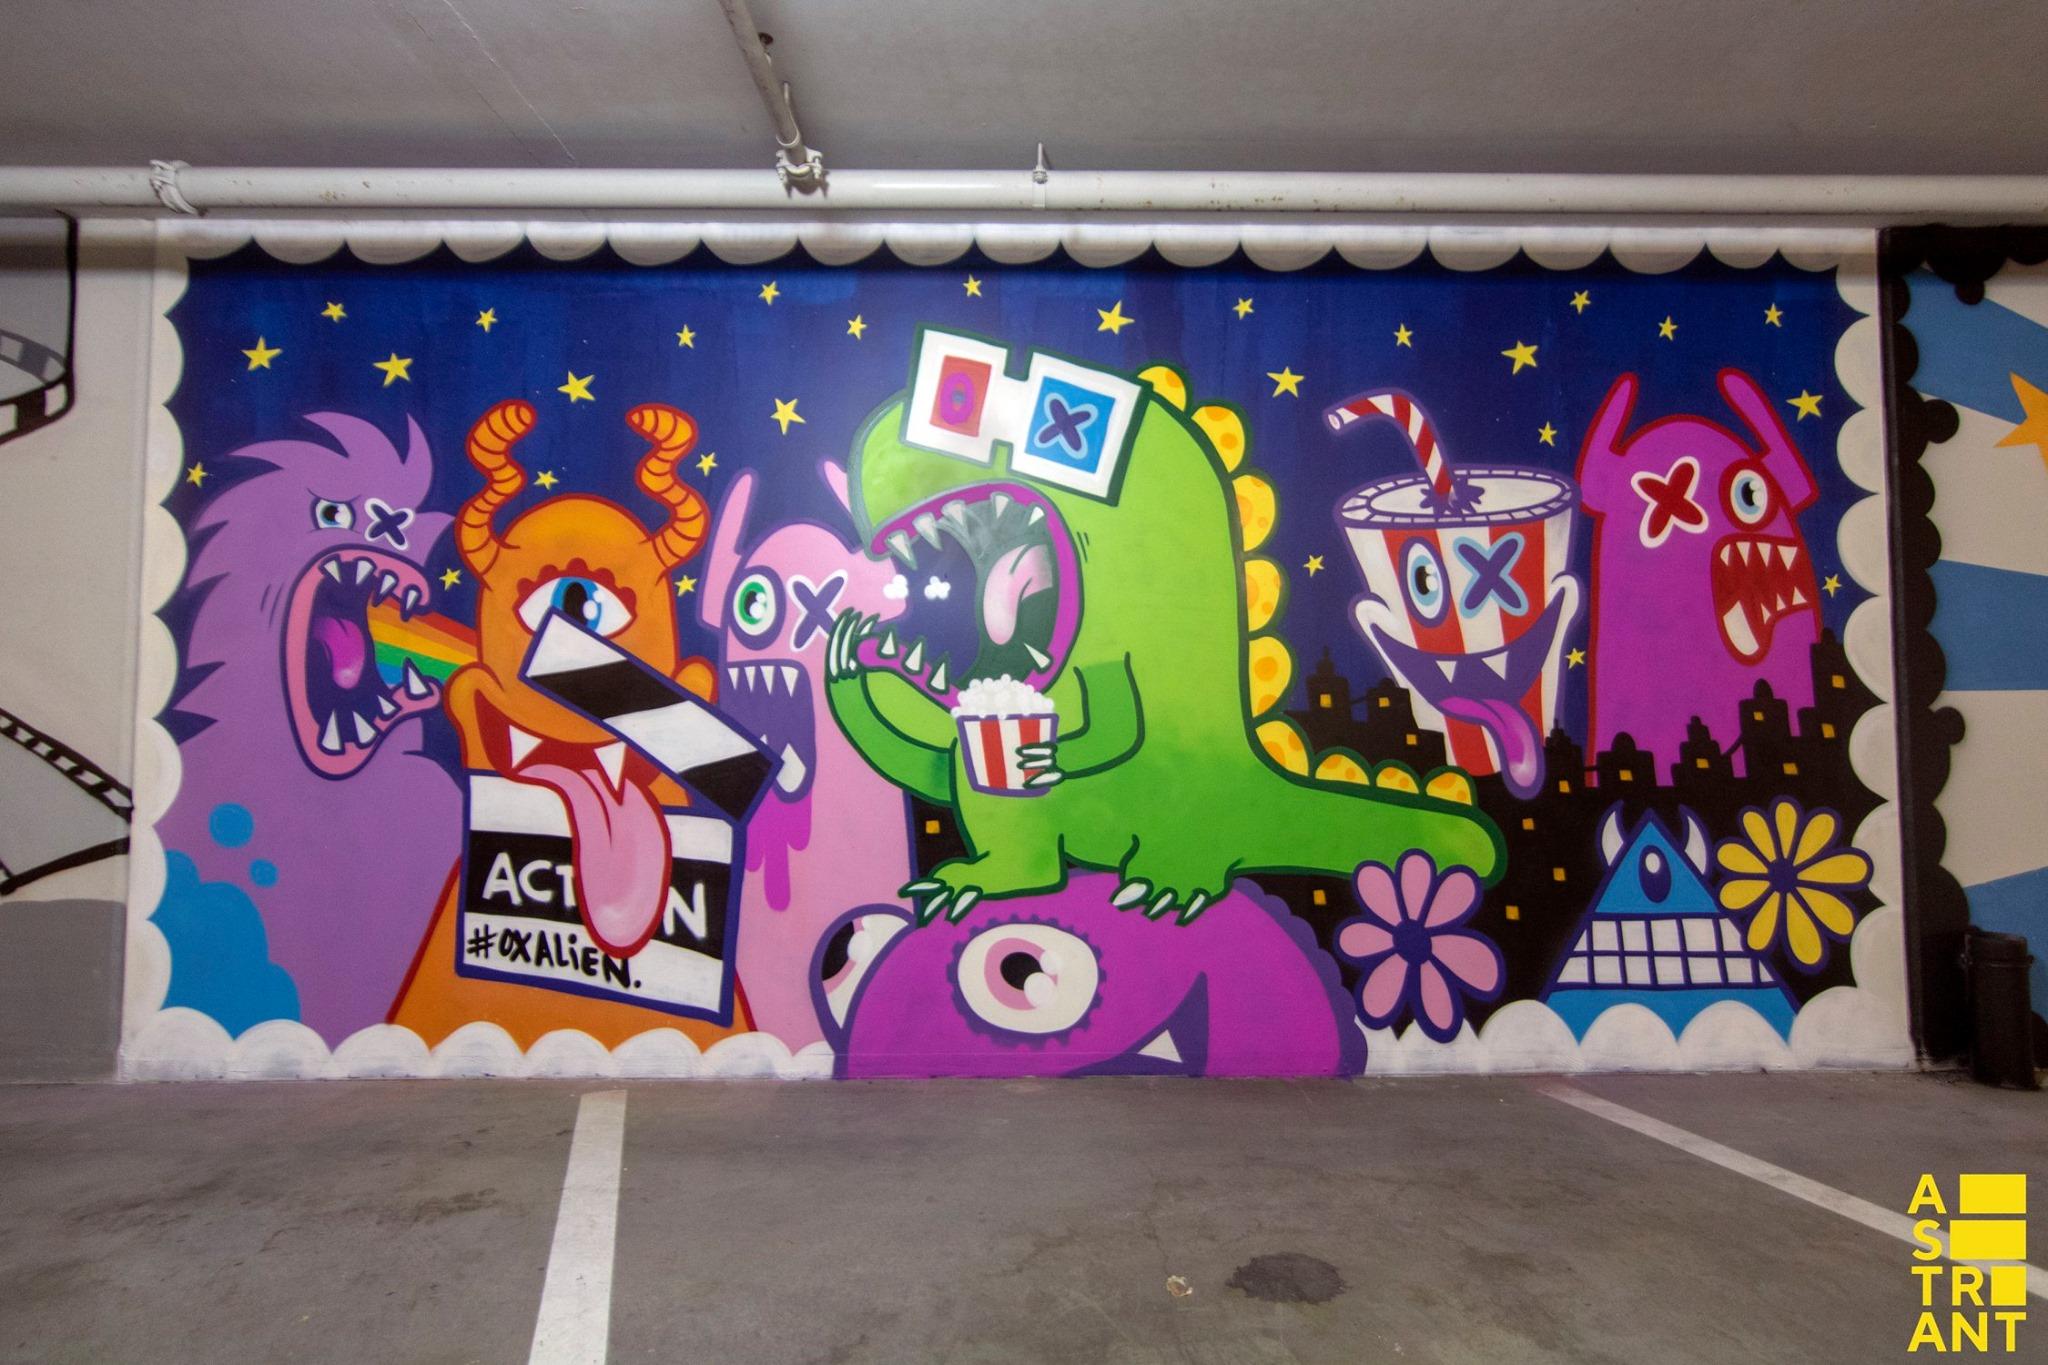 oxalien street art